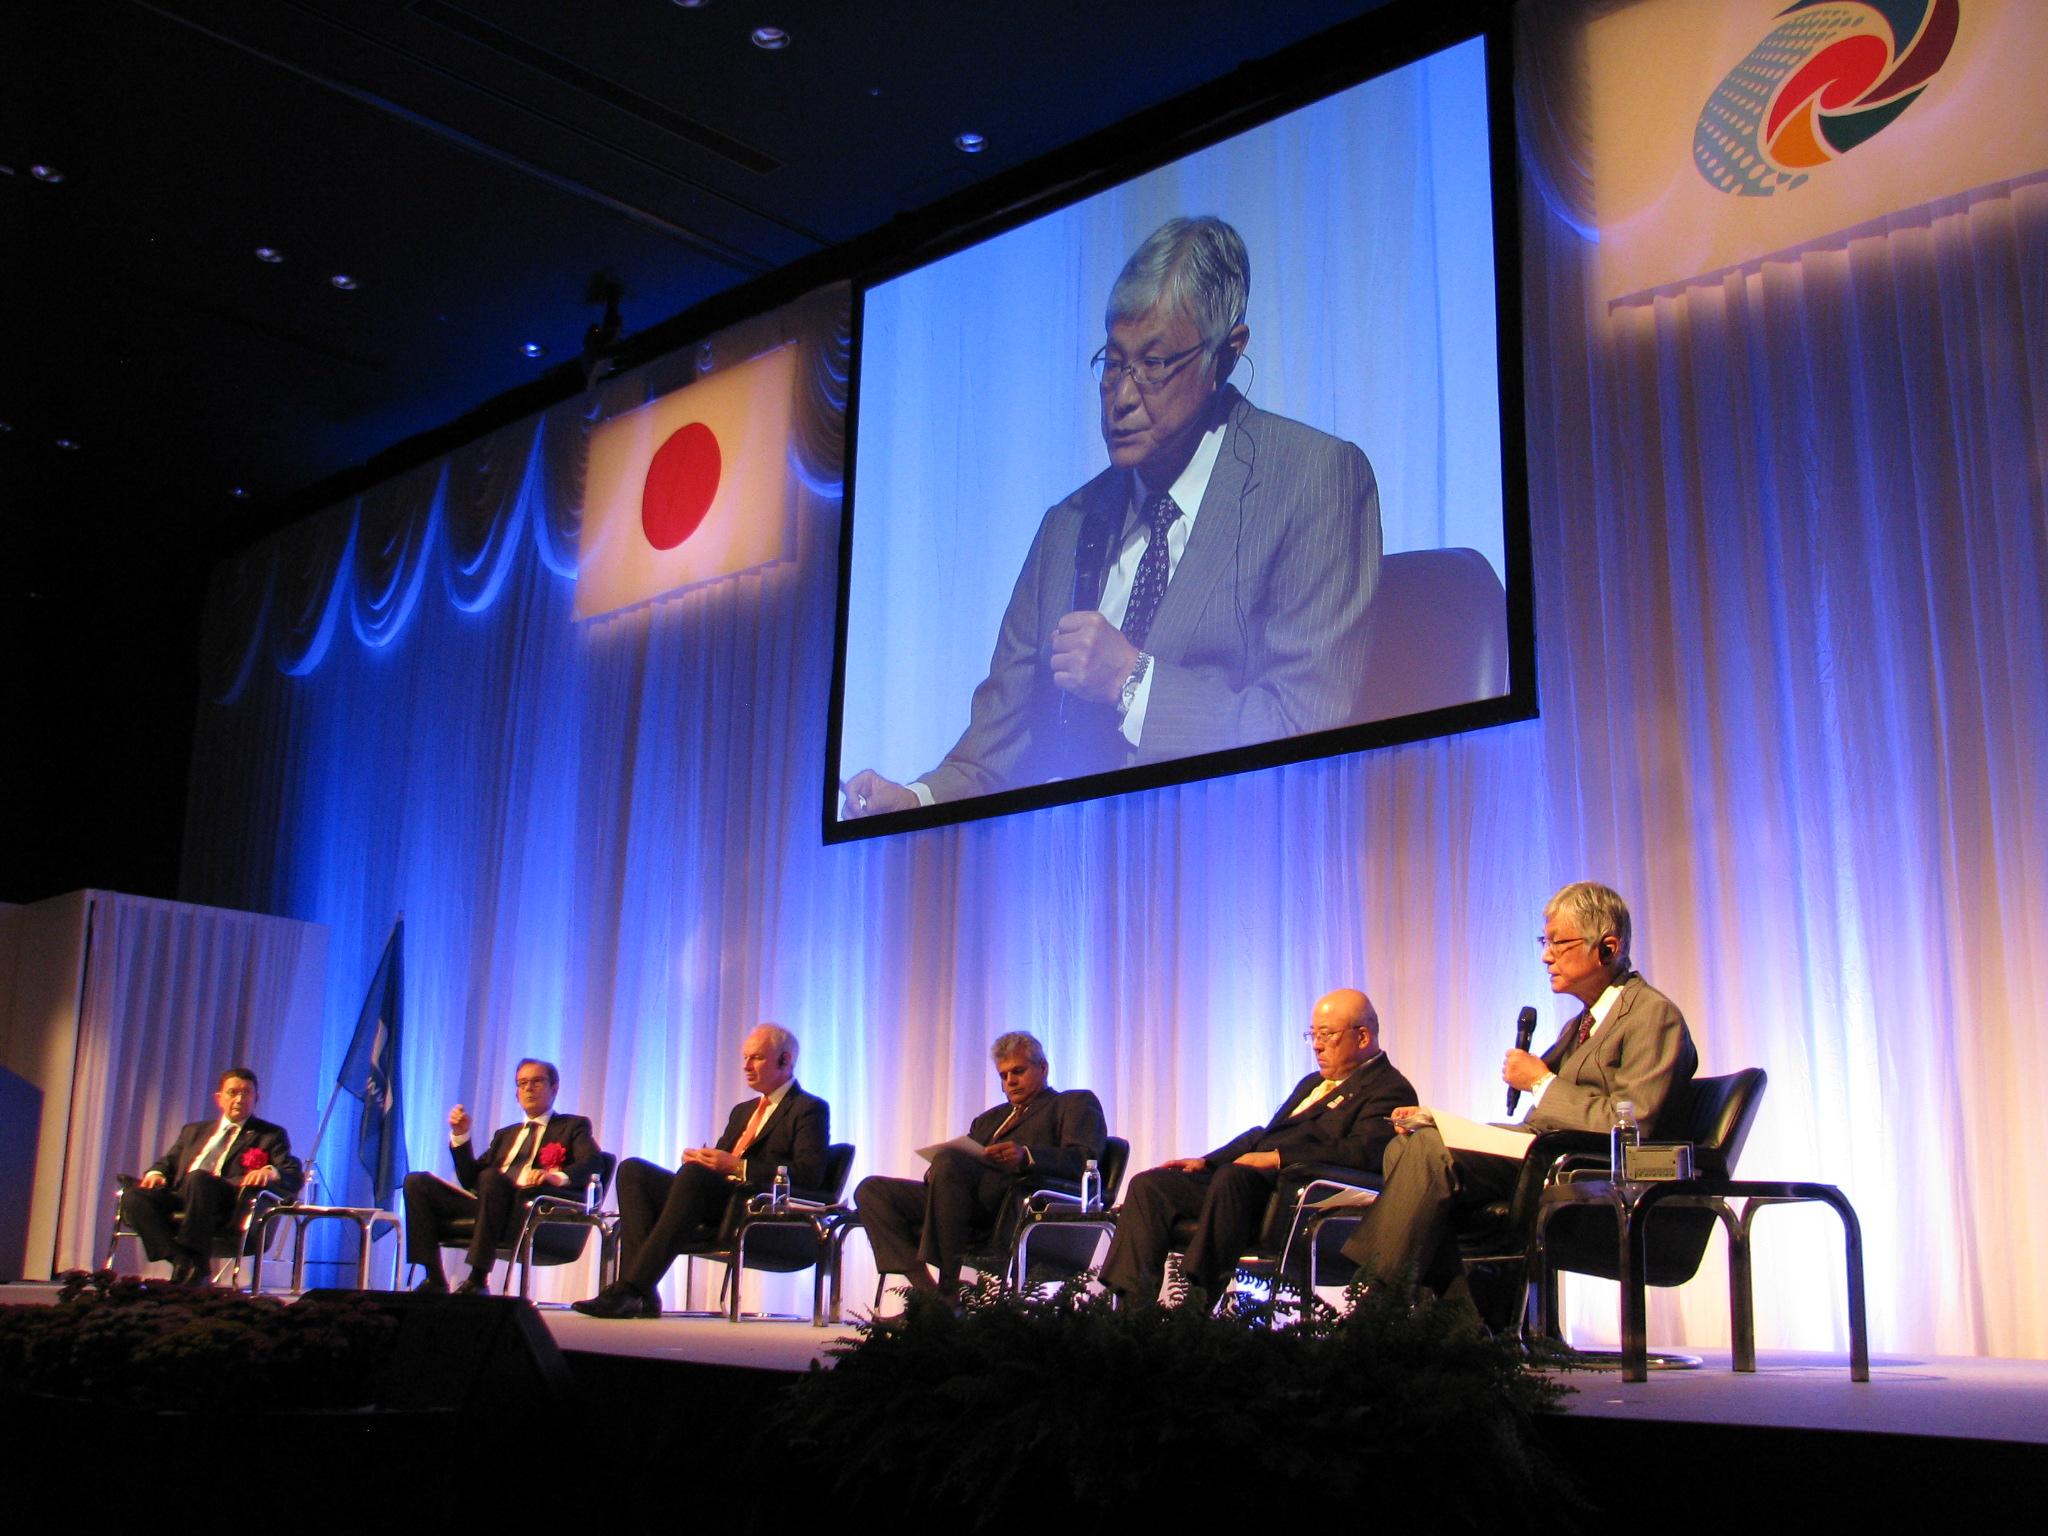 日本の観光が抱える4つの最優先課題とは? 「責任」果たす観光産業を議論した観光フォーラム基調講演を聞いてきた